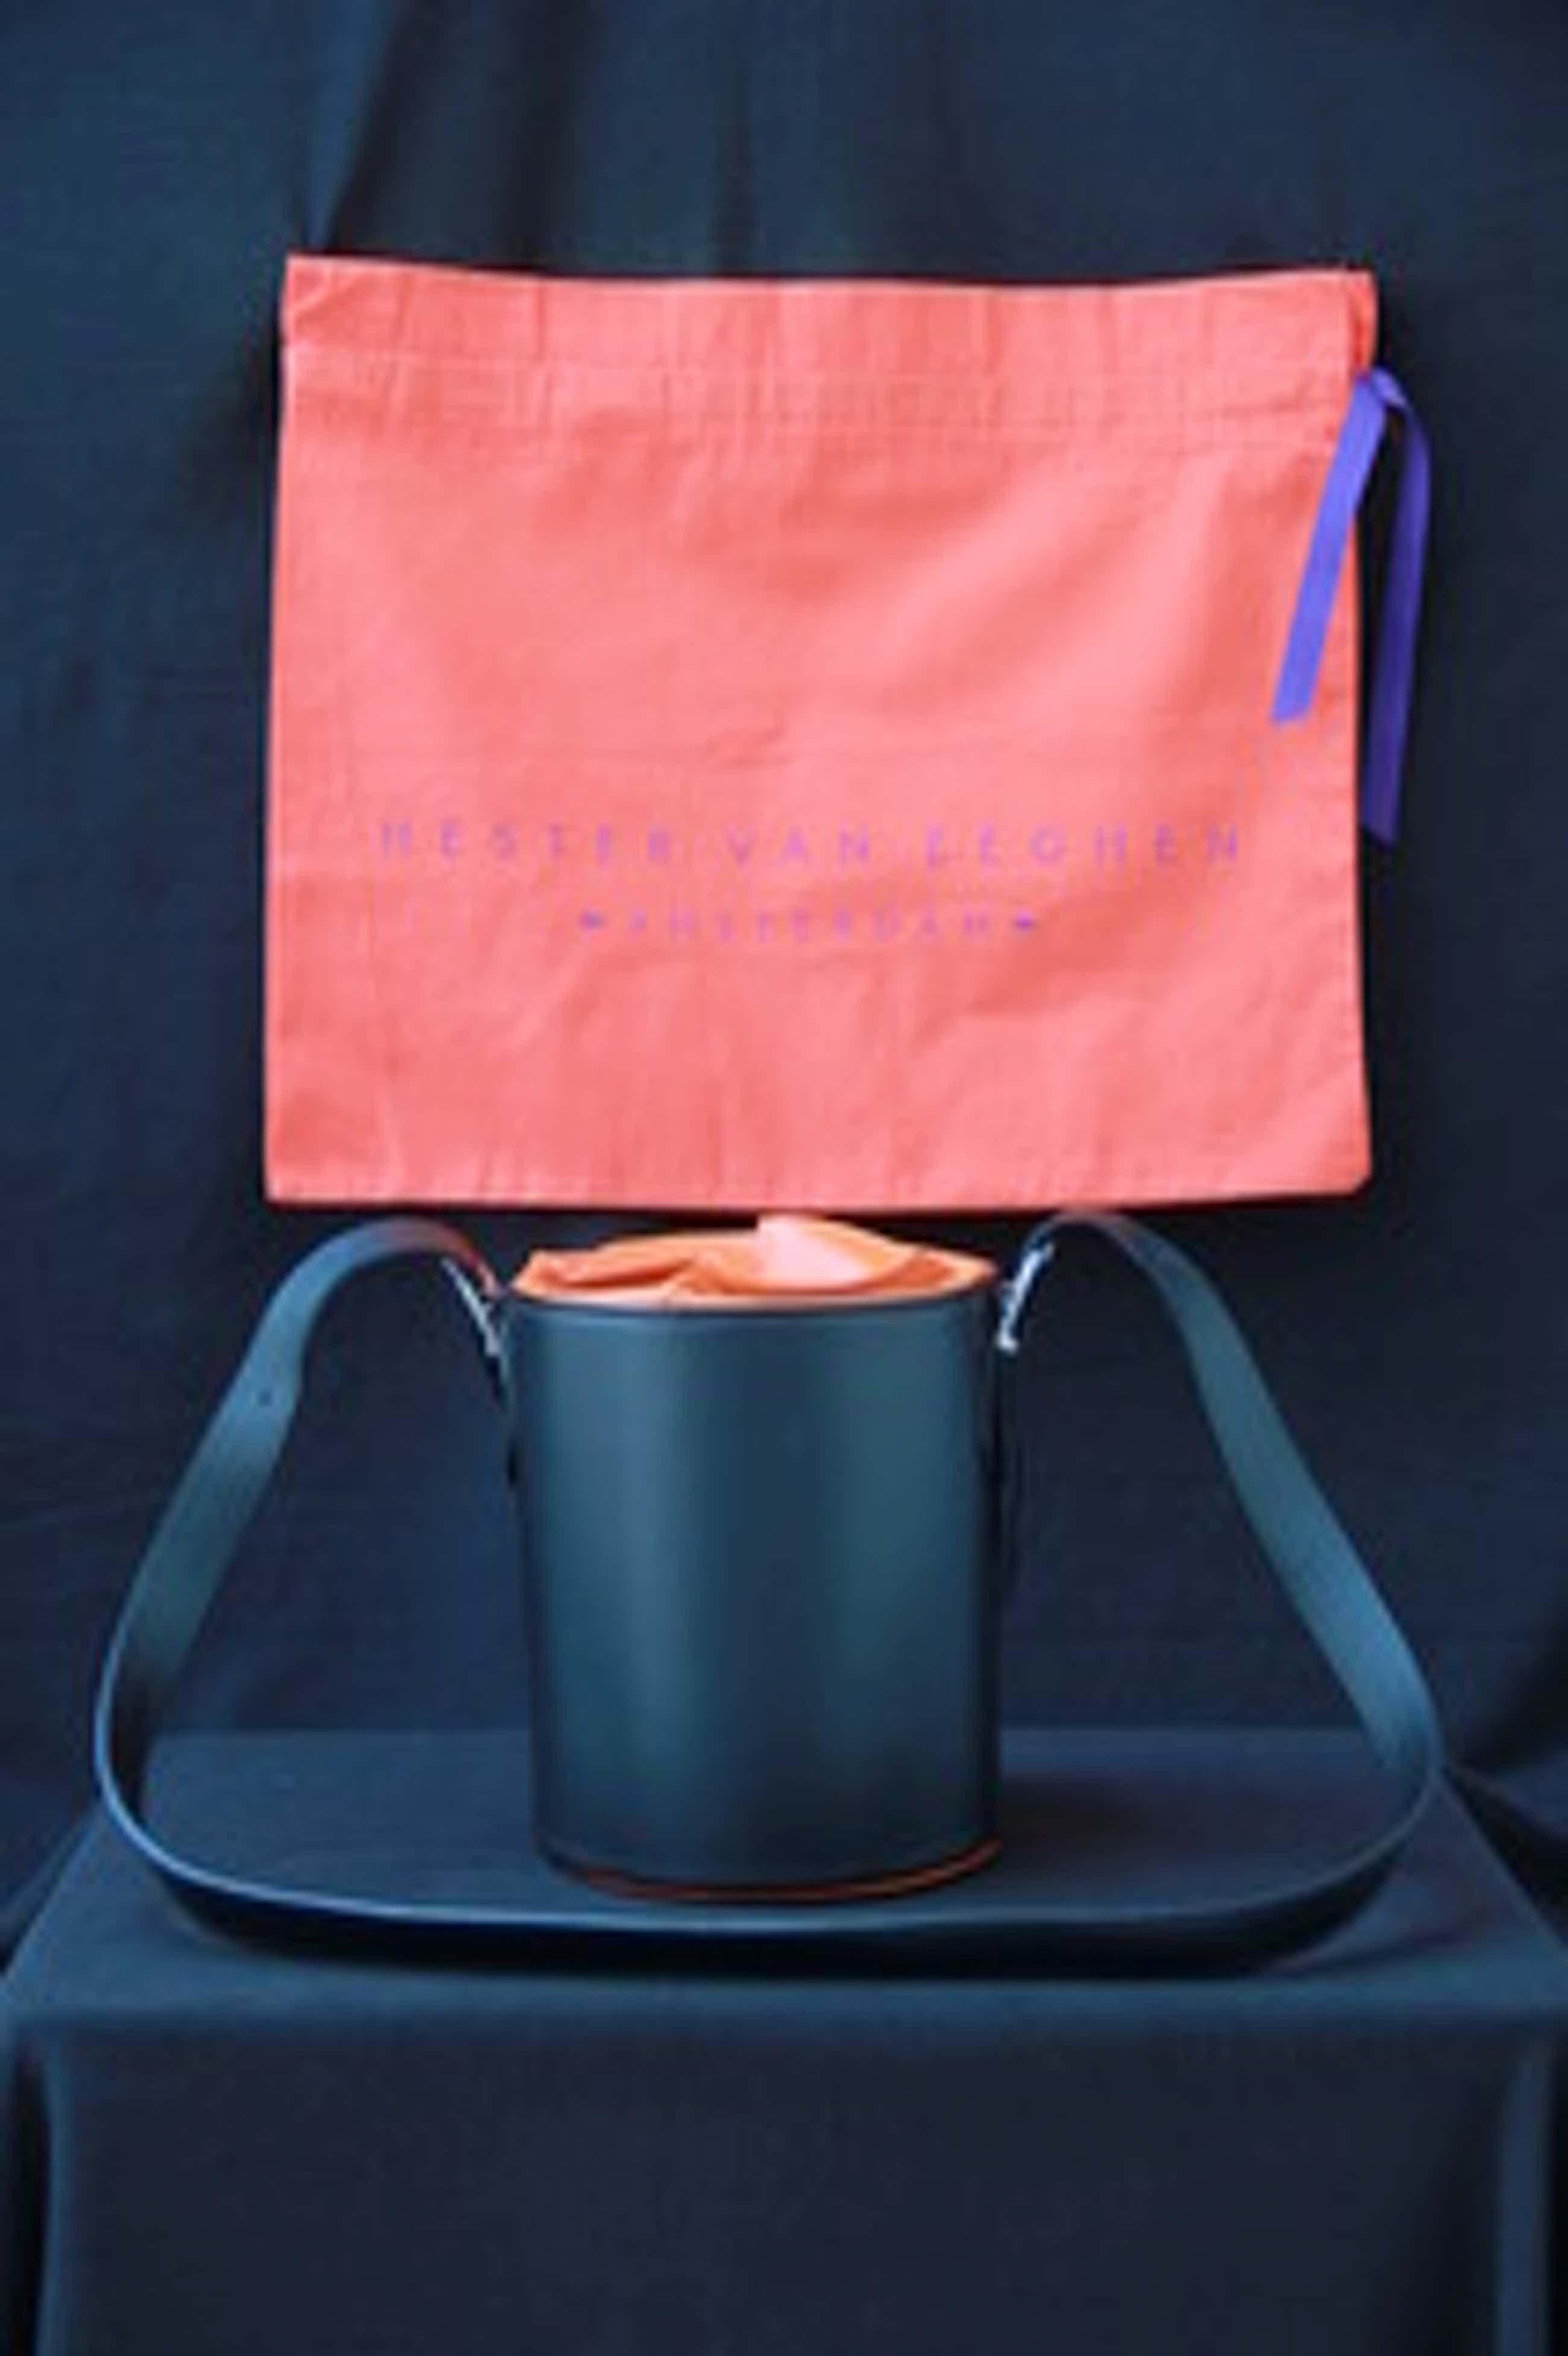 Hester van Eeghen - Designtas Magic Box Black Orange kopen? Bied vanaf 150!